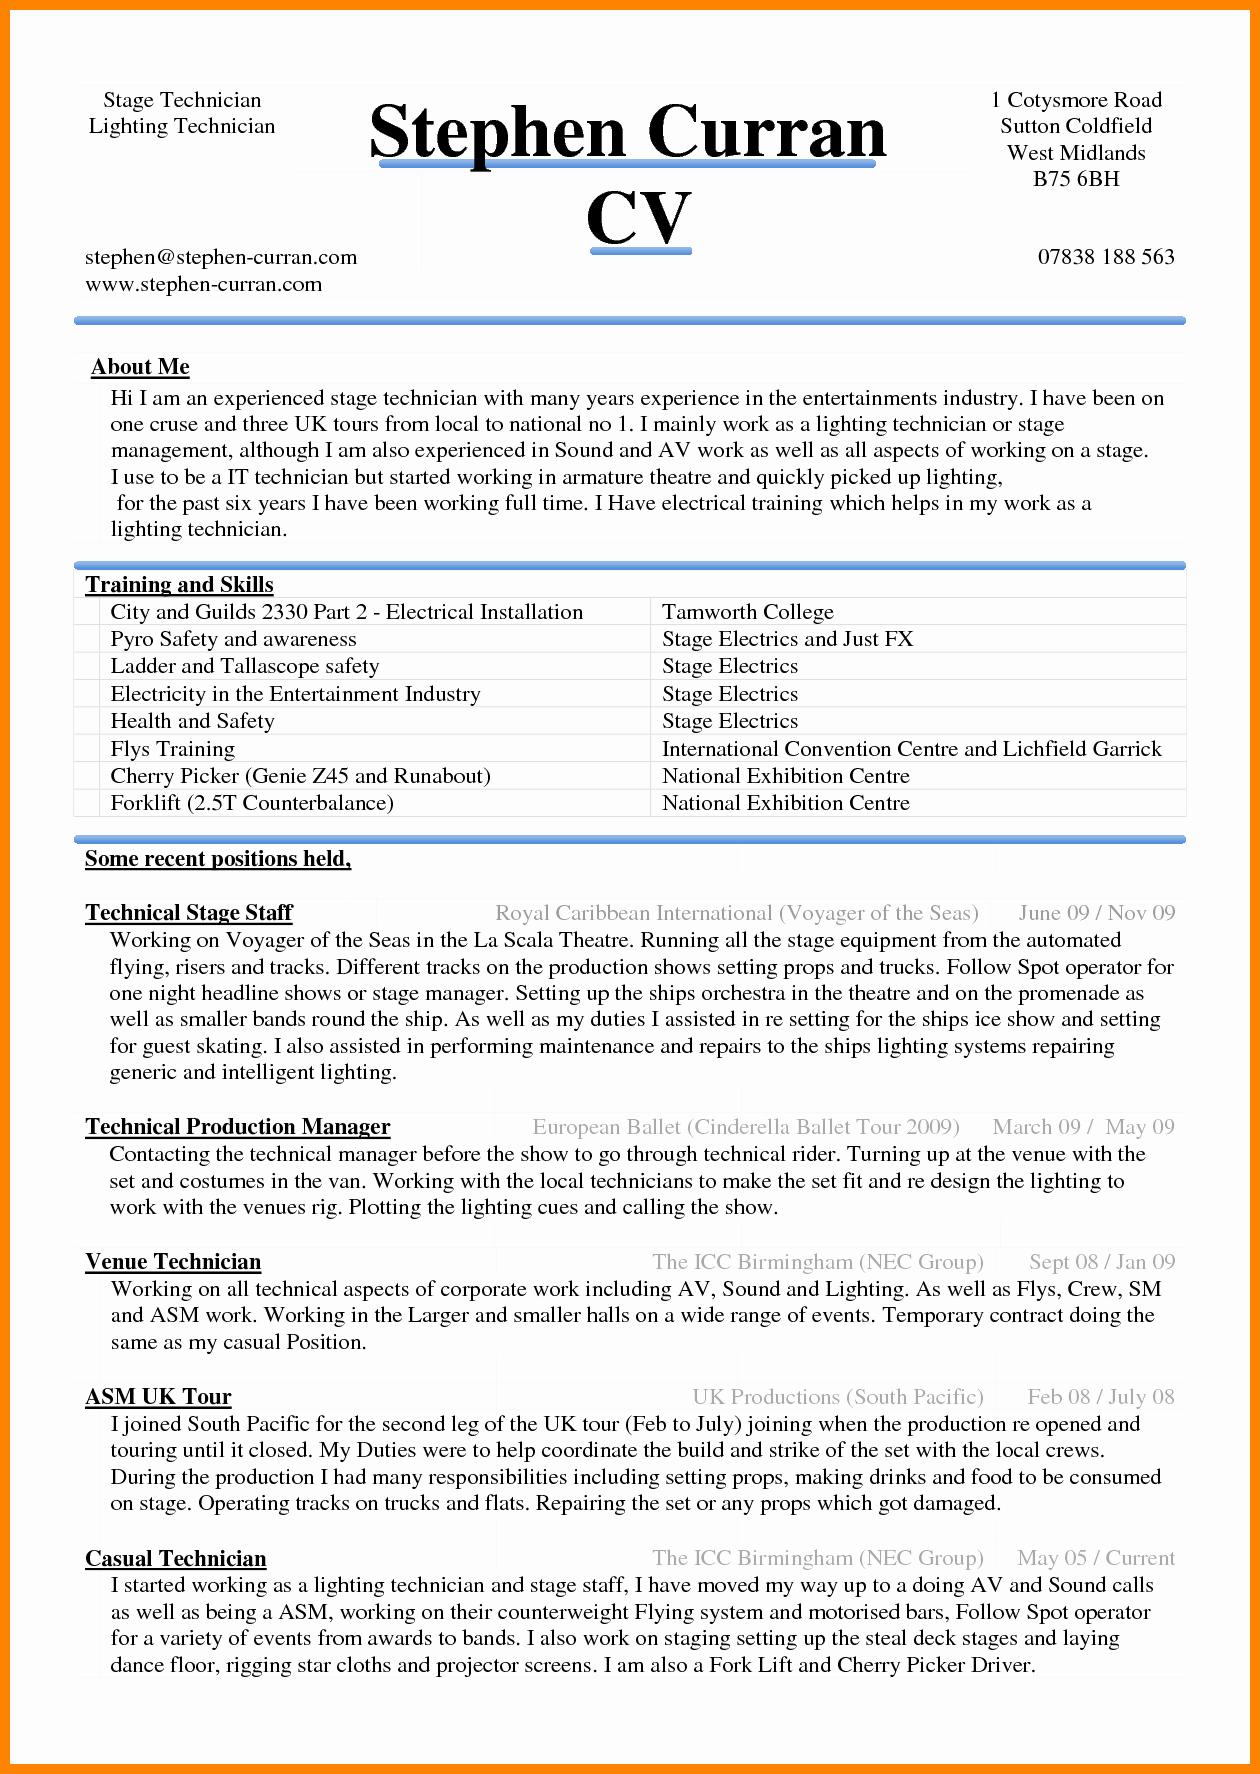 Resume format In Microsoft Word Luxury 6 Curriculum Vitae In Ms Word